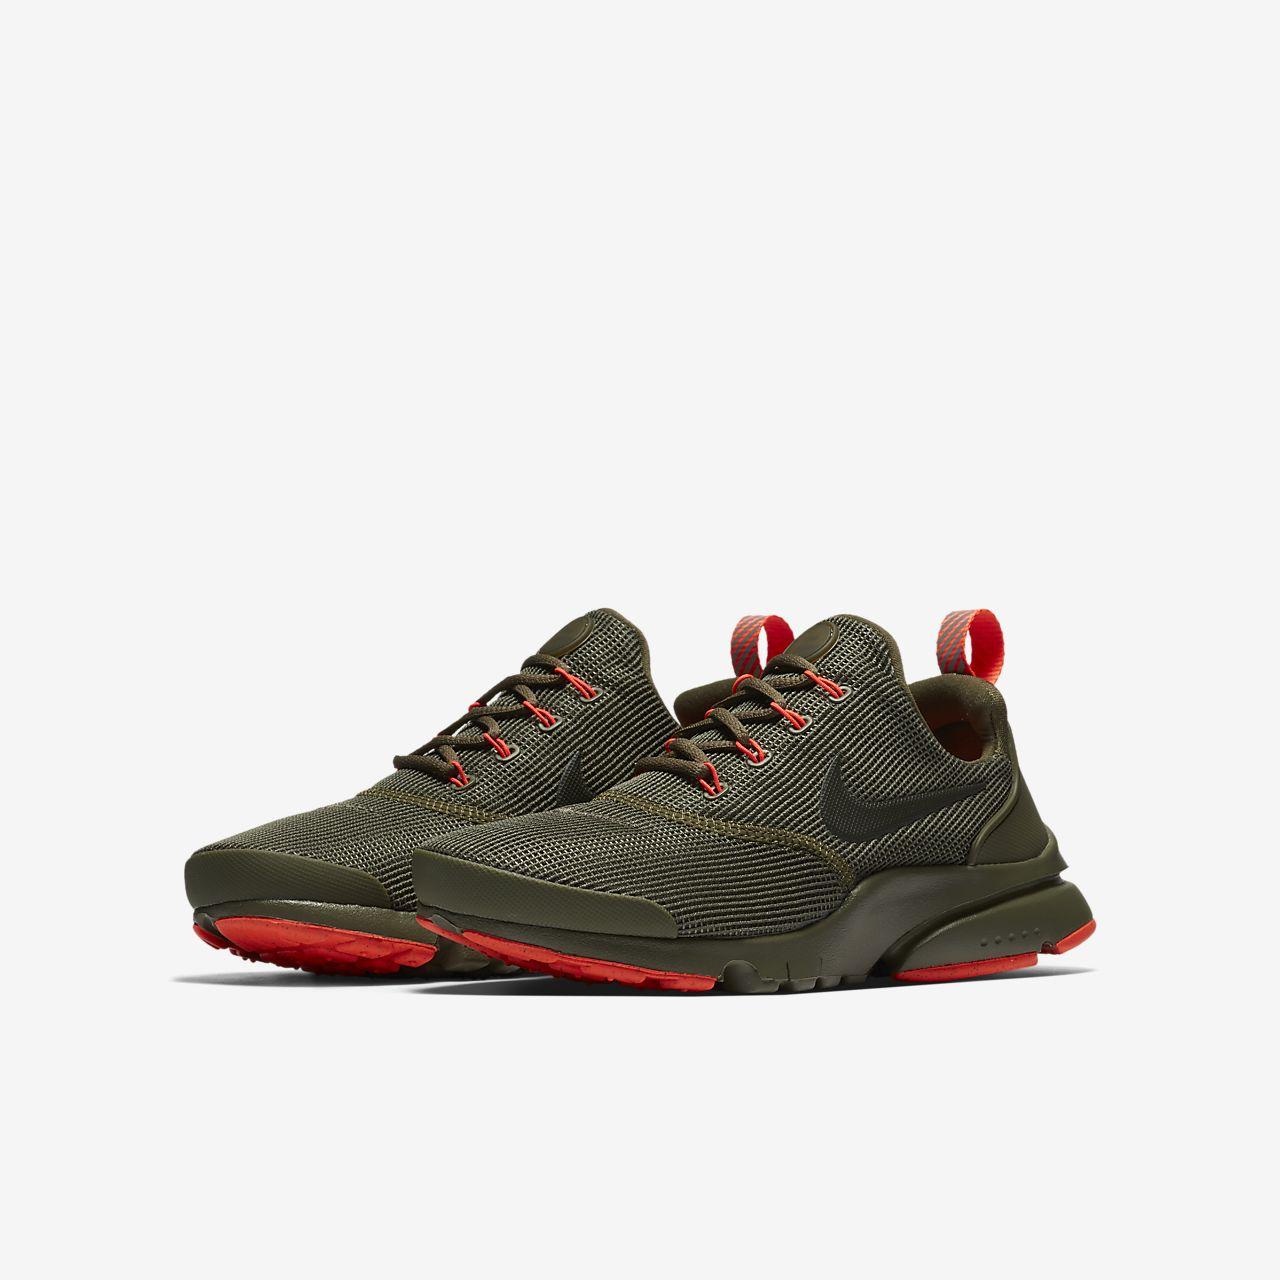 bajo costo buena venta Nike Niños Mosca Presto eBay precio barato venta mayor proveedor GO5PazD